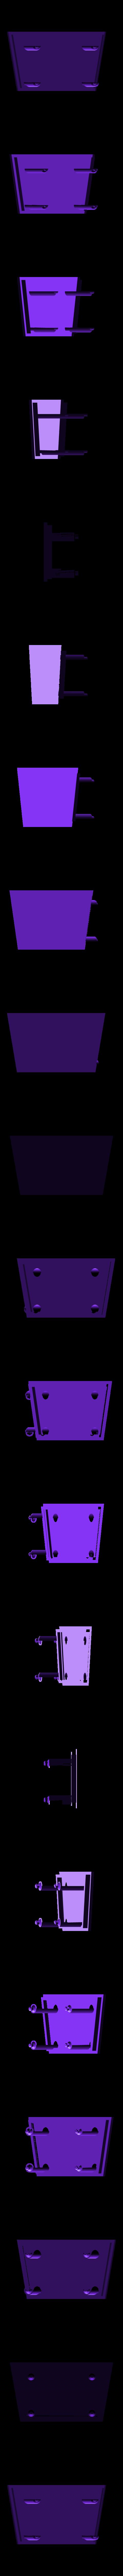 pet-displayCover.stl Télécharger fichier STL gratuit Mini Commodore PET with Charlieplexed LED Matrix • Plan à imprimer en 3D, Adafruit